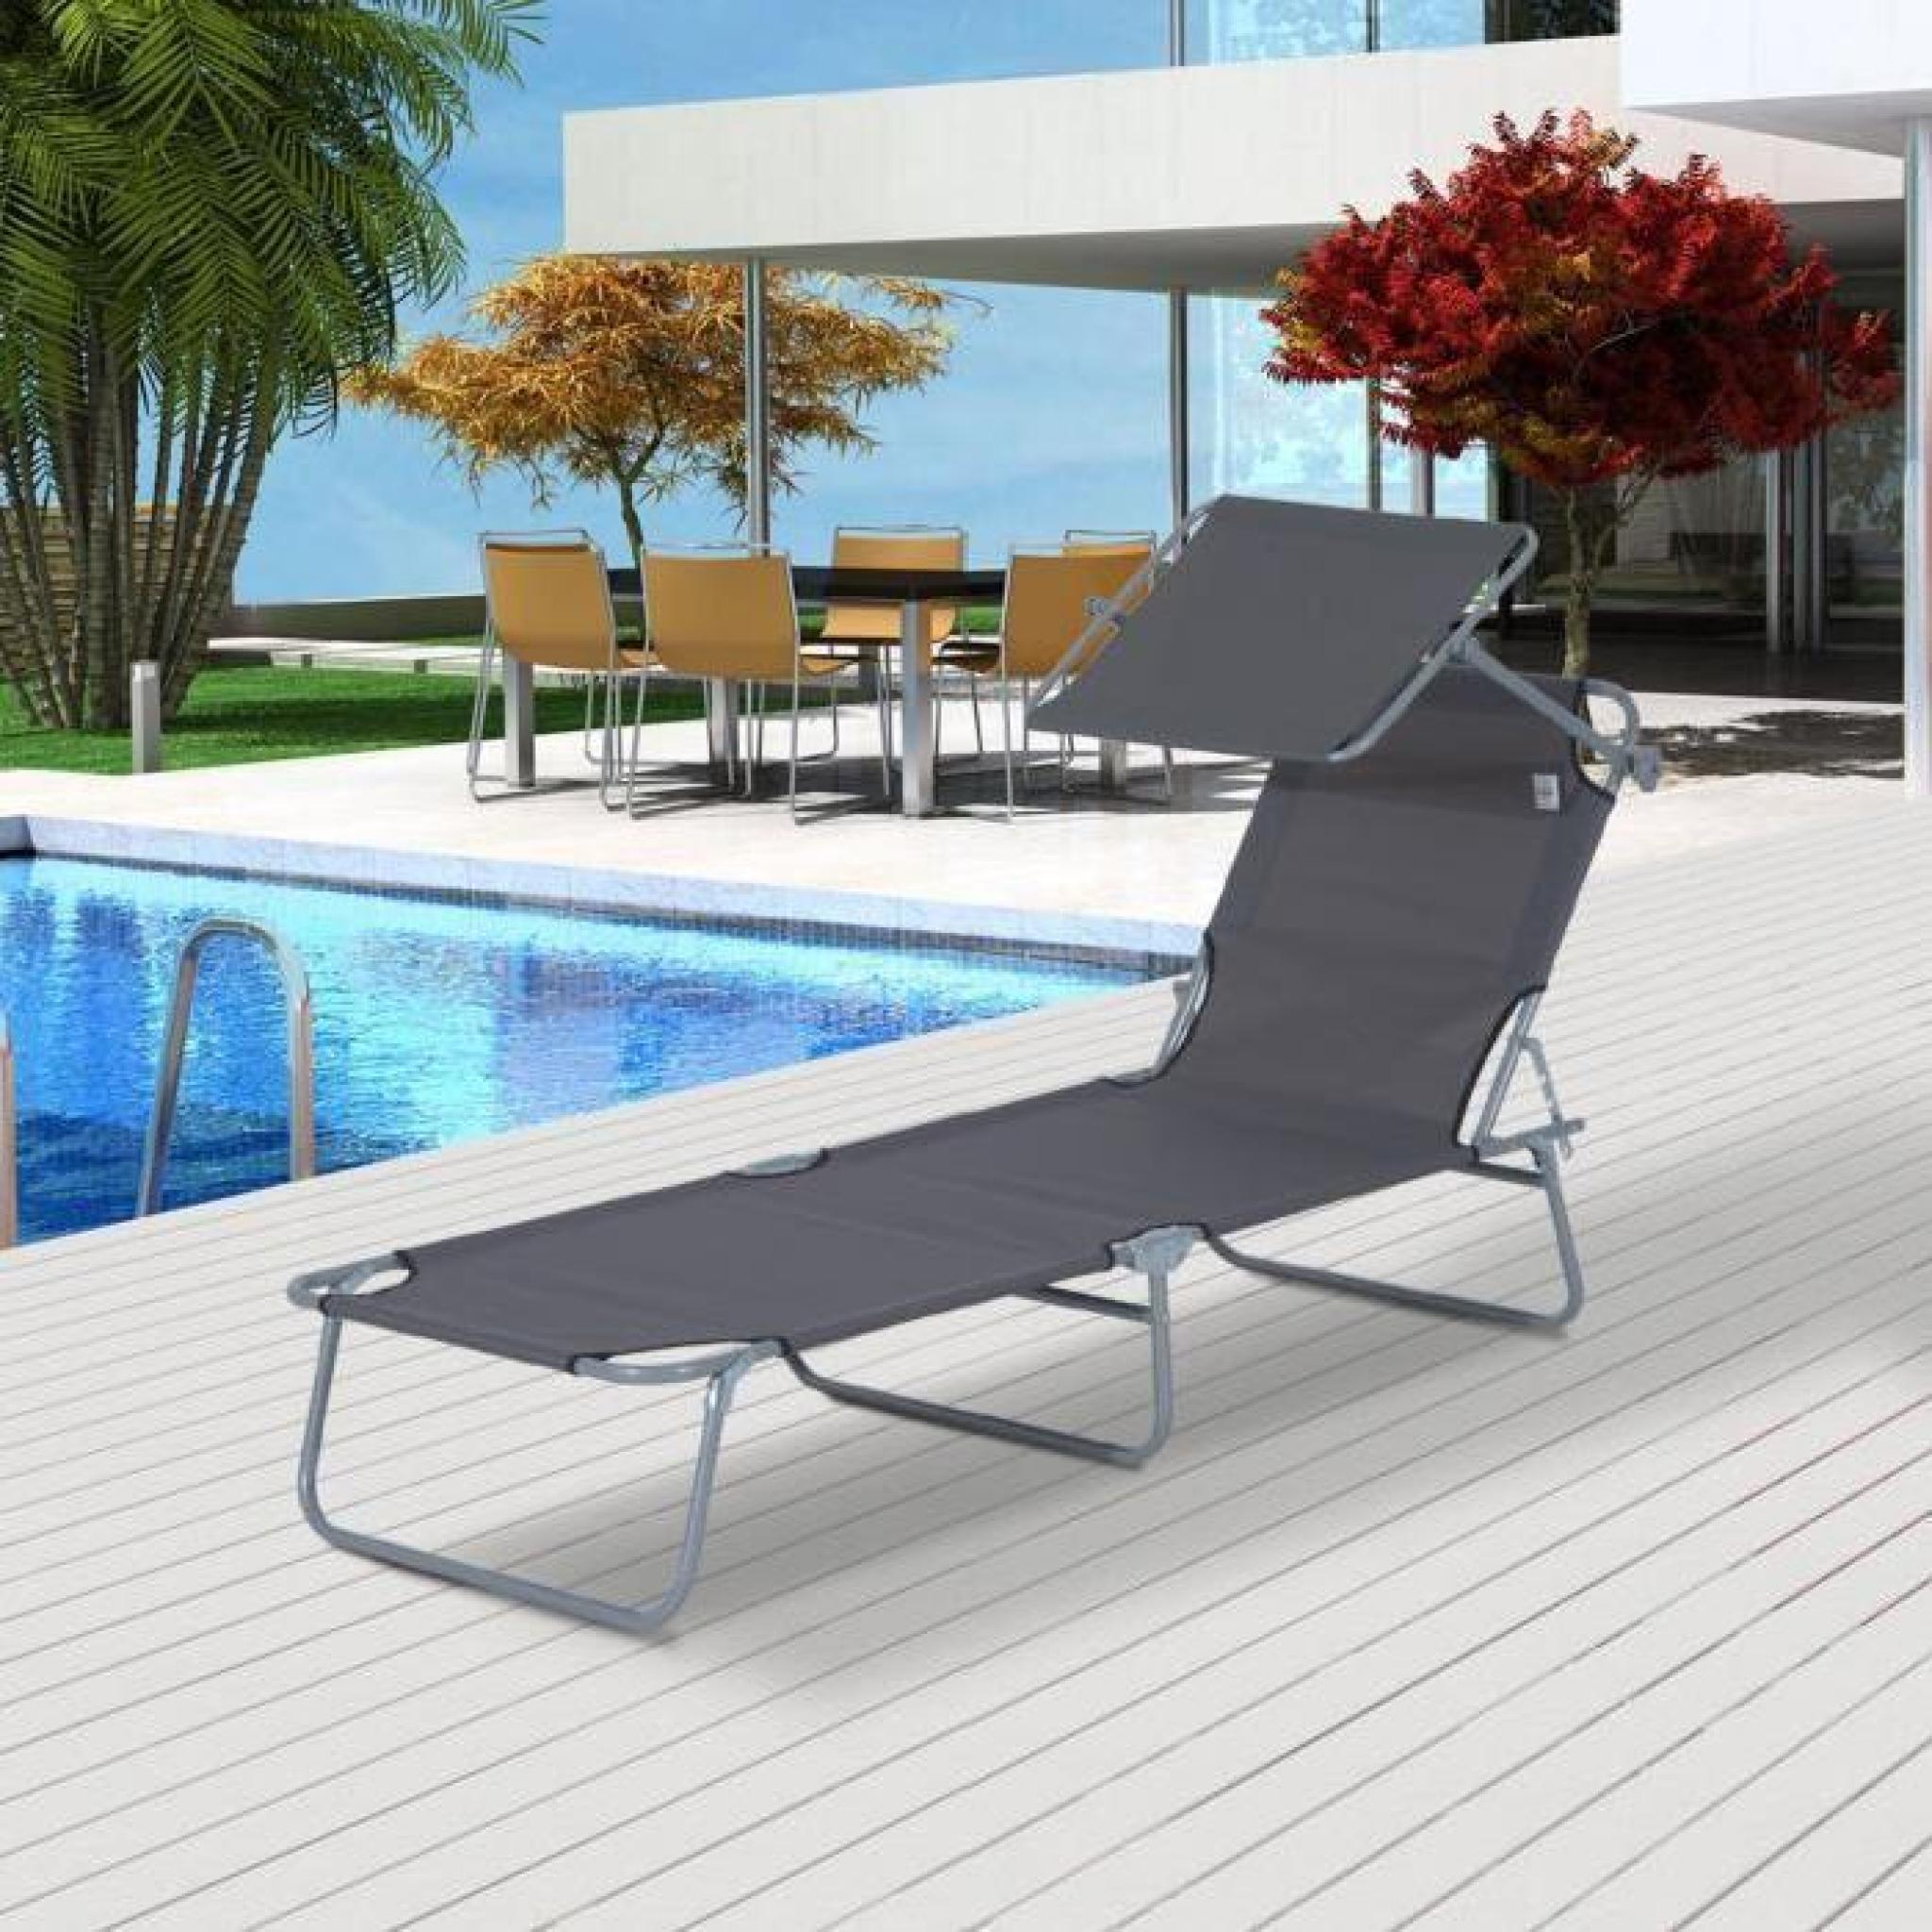 outsunny bain de soleil transat pliant avec pare soleil reglable gris 01gy achat vente chaise longue pliante pas cher coindujardin com